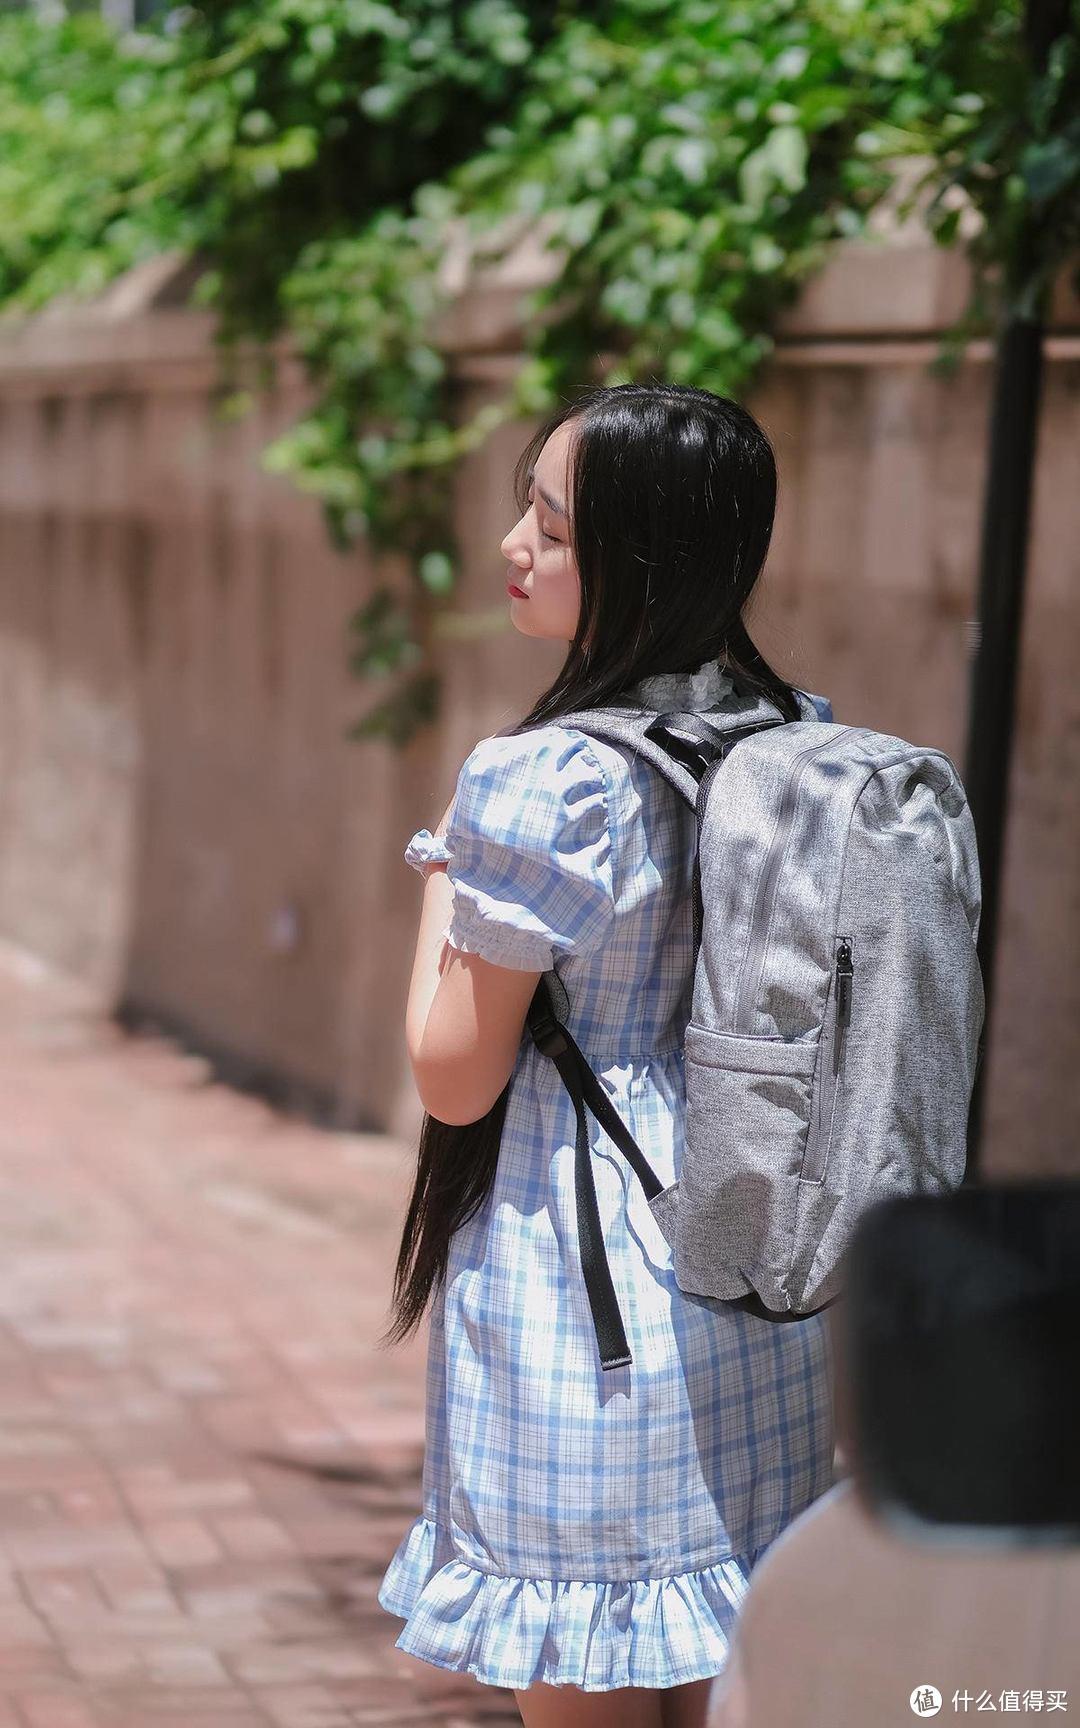 大隐于市,一款数码博主都深得喜爱的魅族Lifeme雪山白双肩包